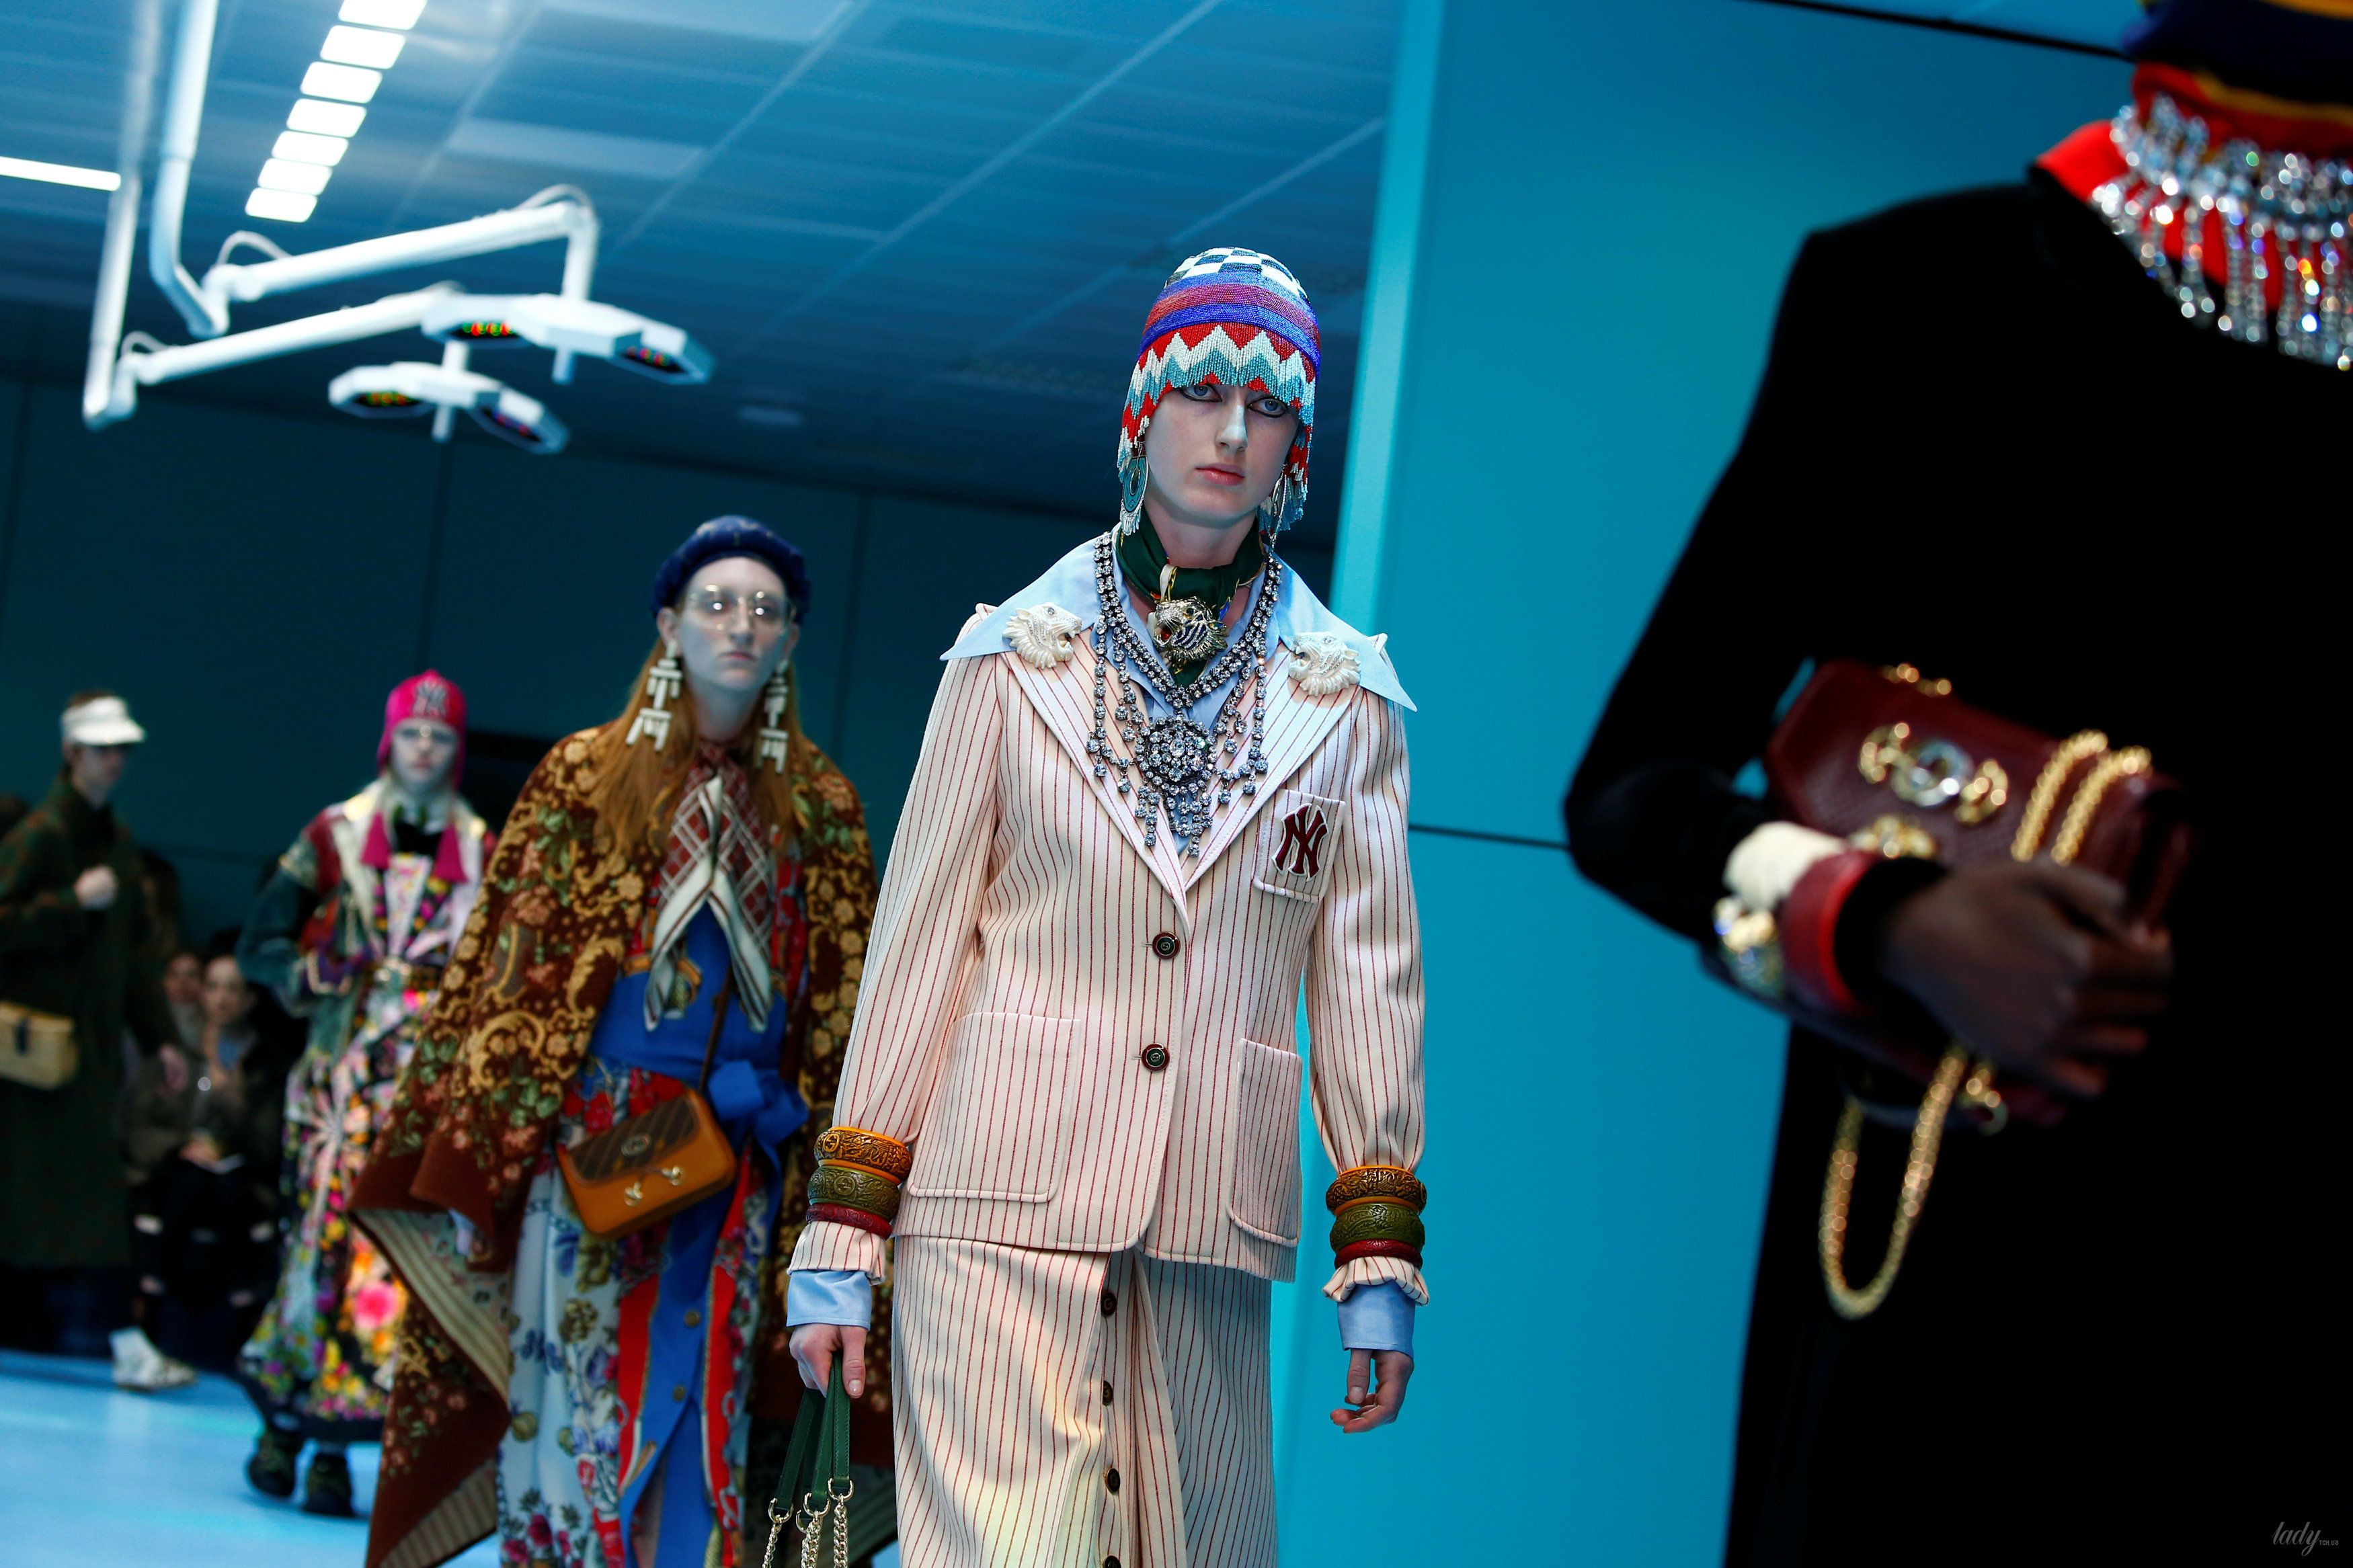 Показ коллекции бренда Gucci в Милане_27